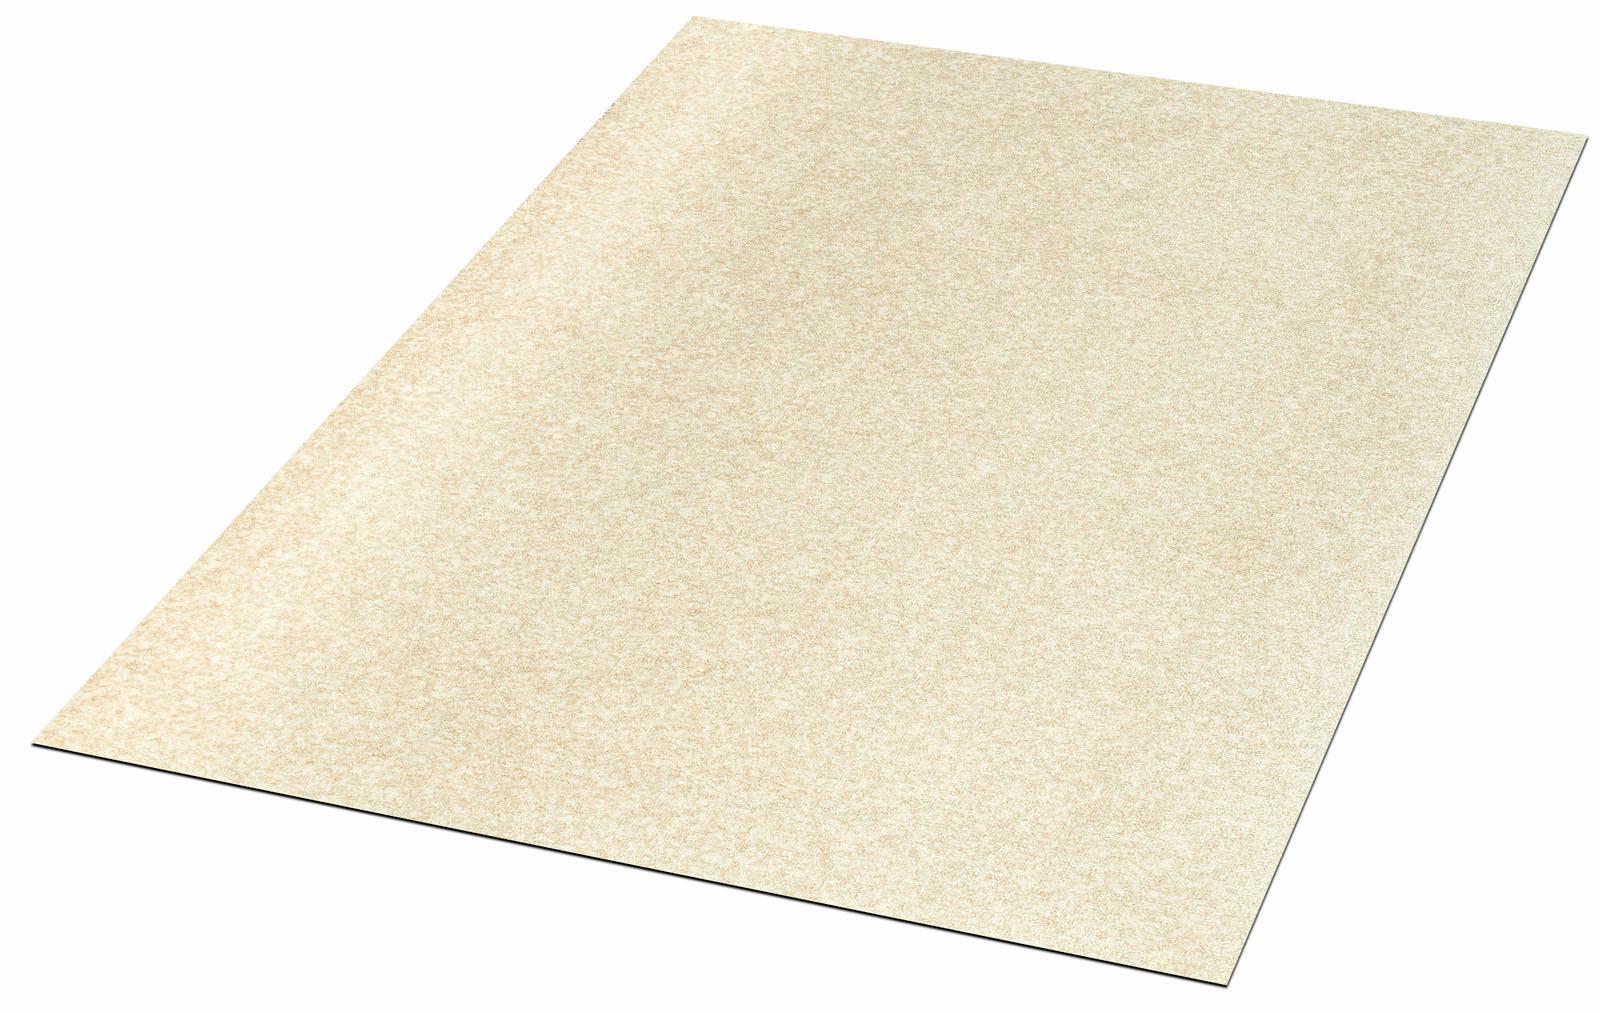 Läufer PURE wash+dry by Kleen-Tex rechteckig Höhe 9 mm gedruckt